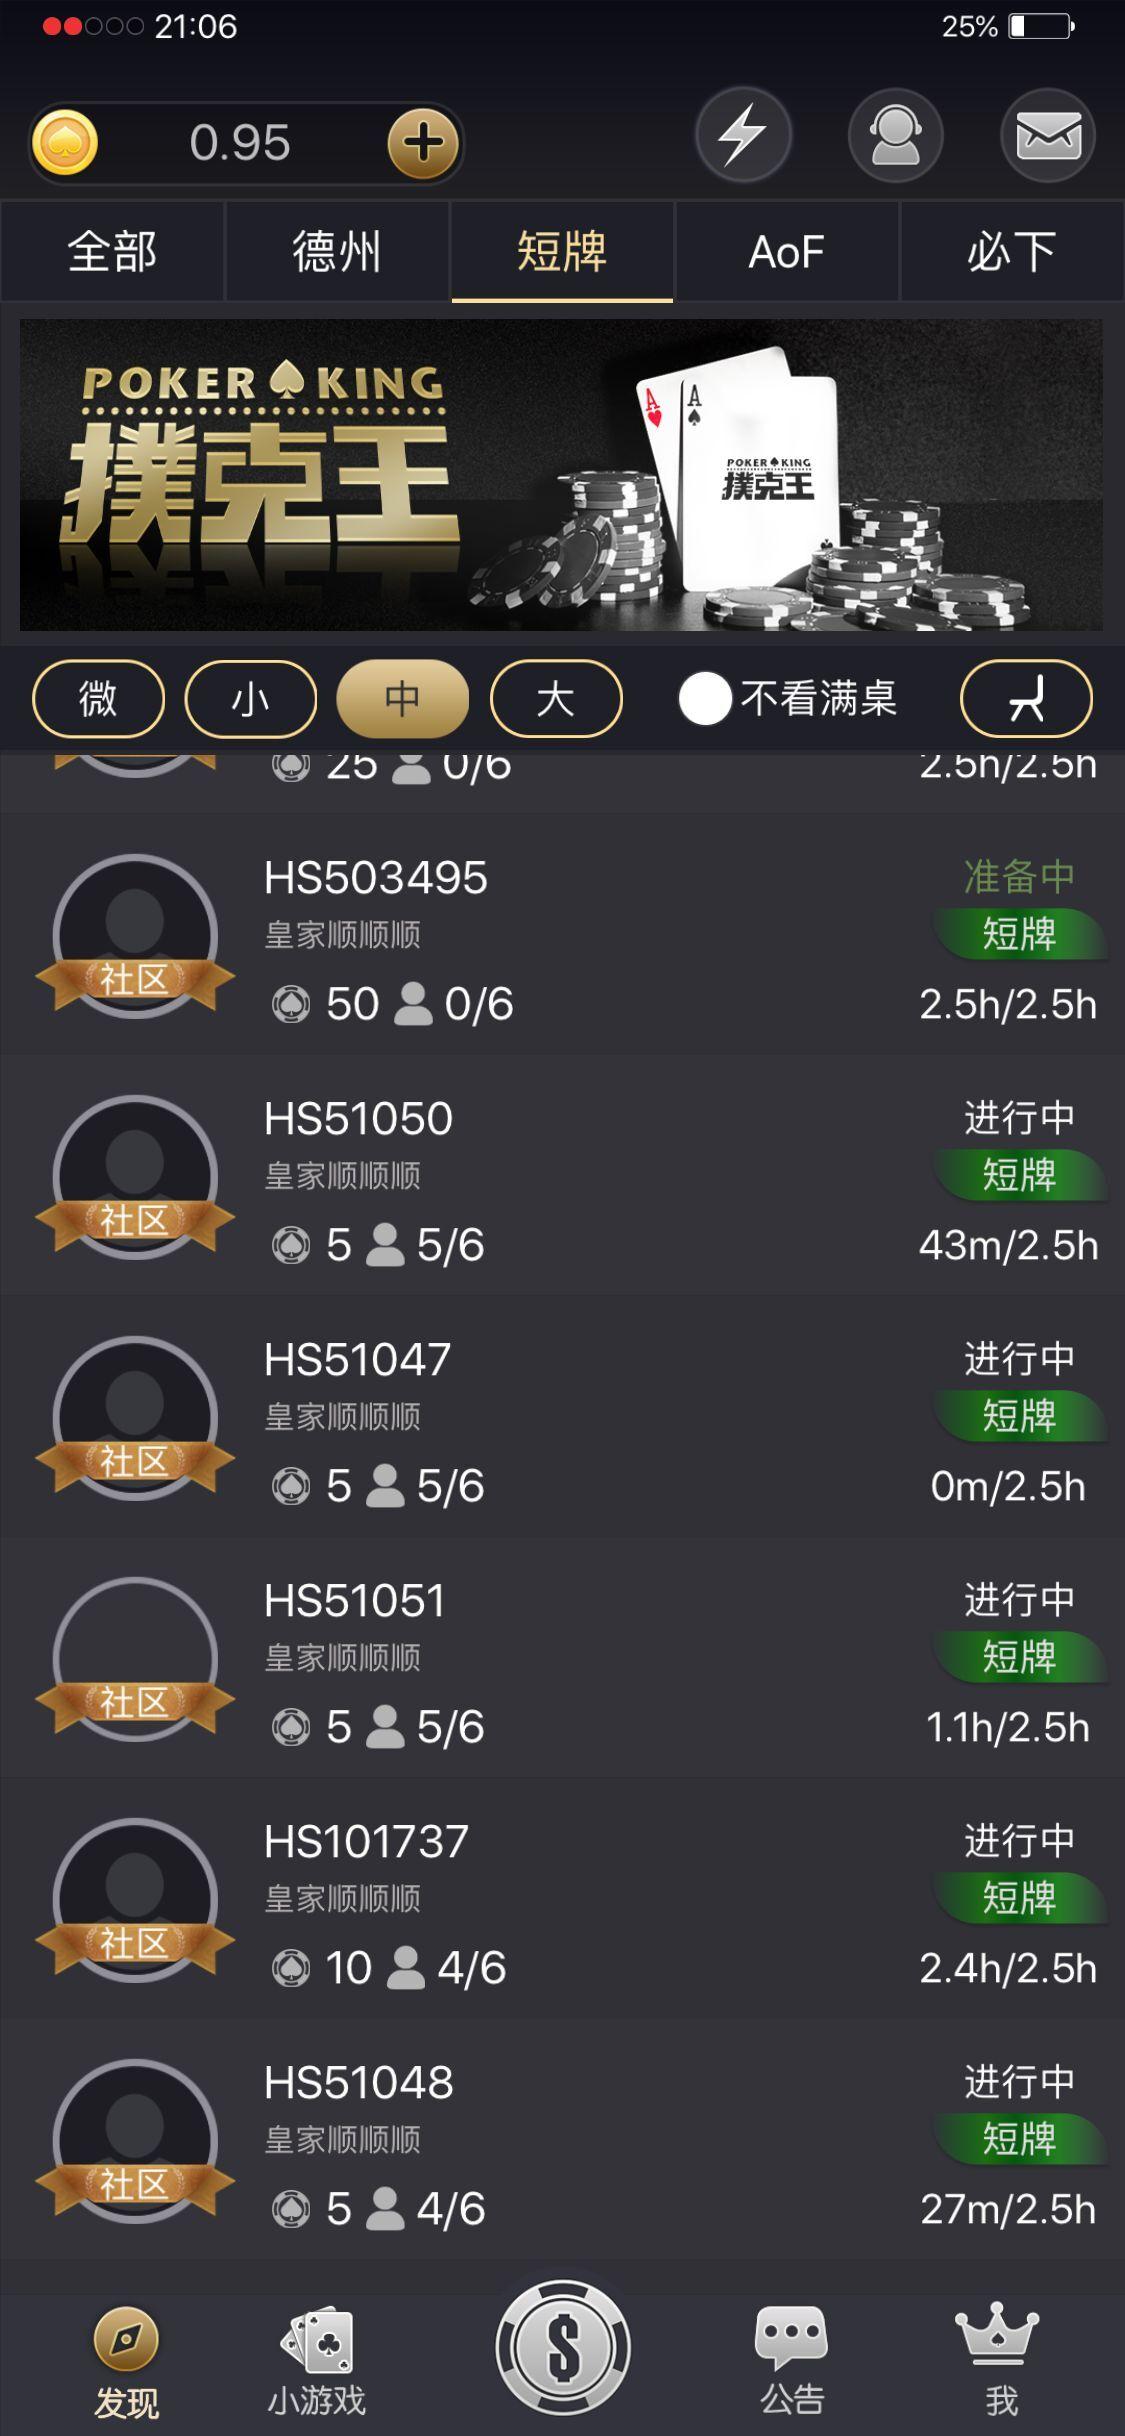 扑克王app官网下载哪个人数最多!